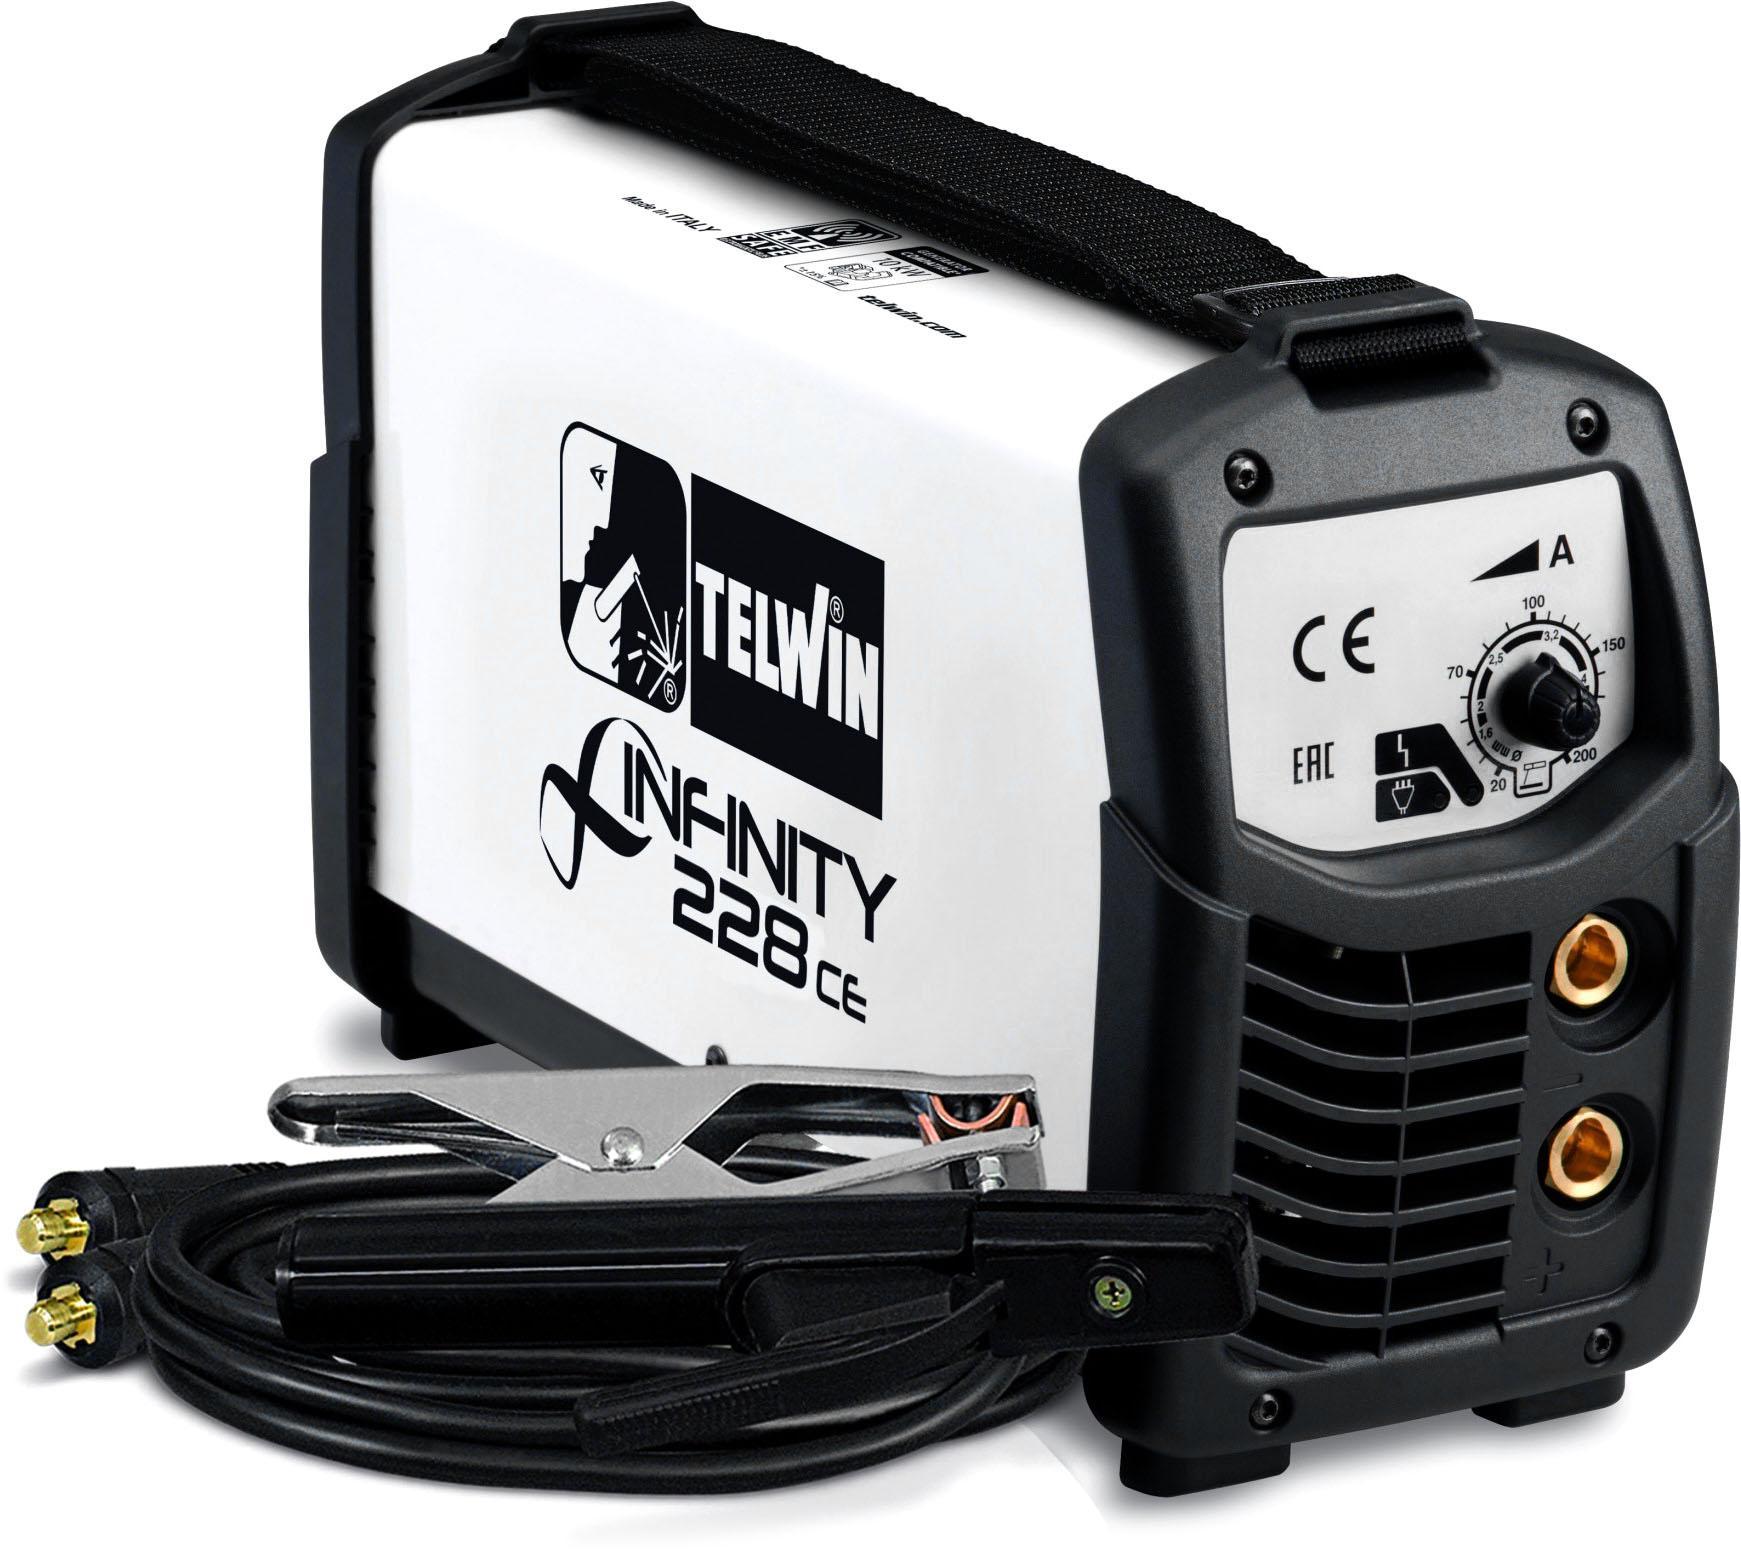 Купить Сварочный аппарат Telwin Infinity 228 ce 230v acx (816084)